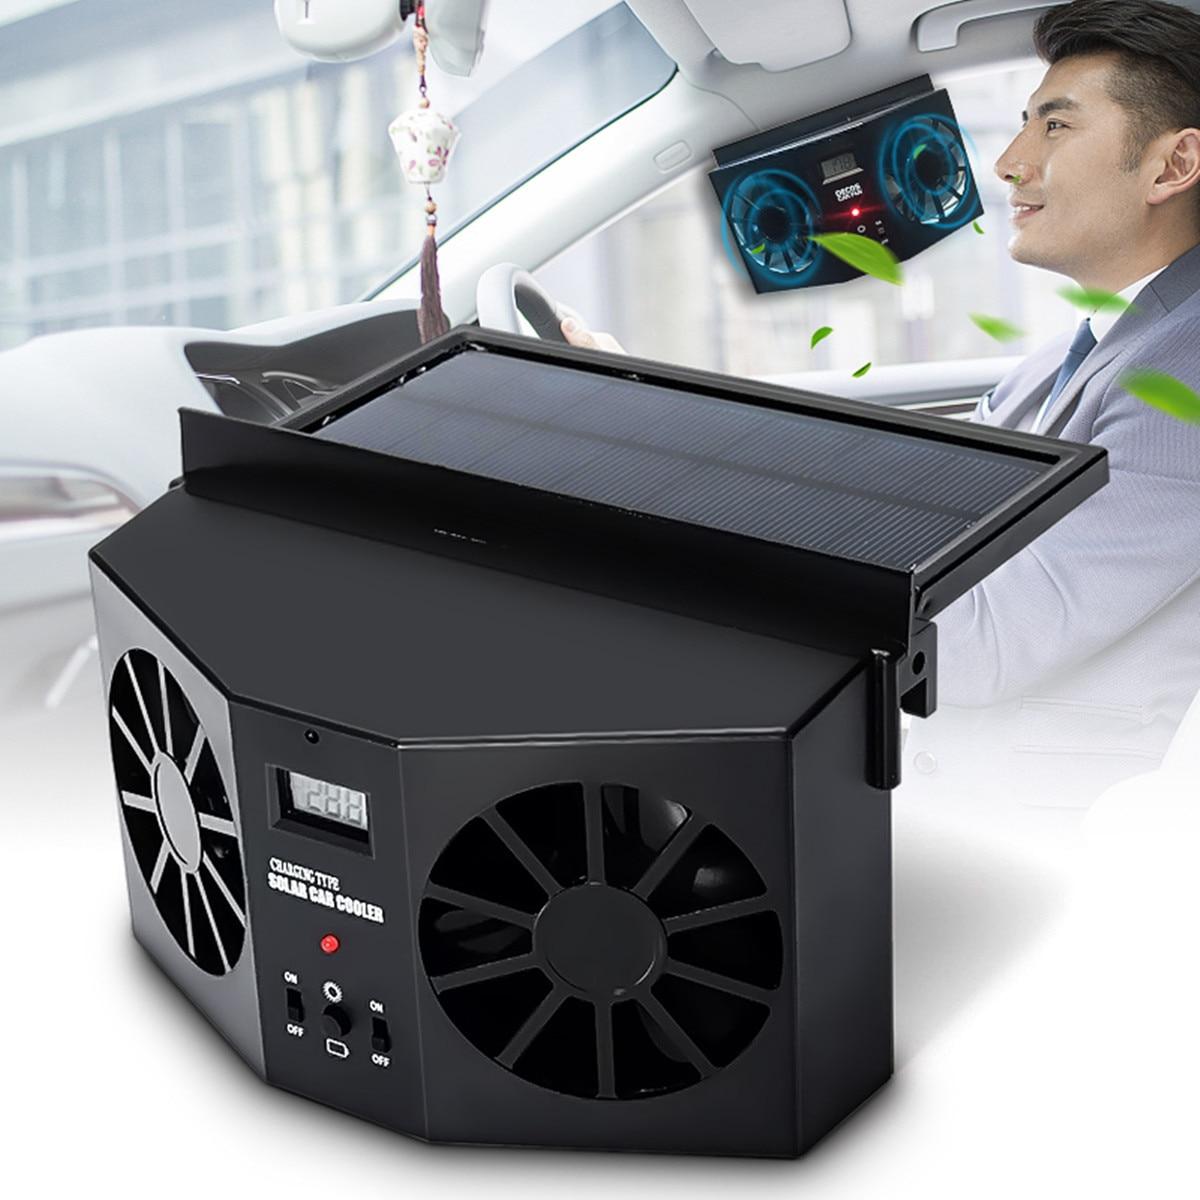 Car Solar Power Fan Car Exhaust Fan Double Air Outlet Car Window Cooling Cooler Rechargeable Ventilation Black